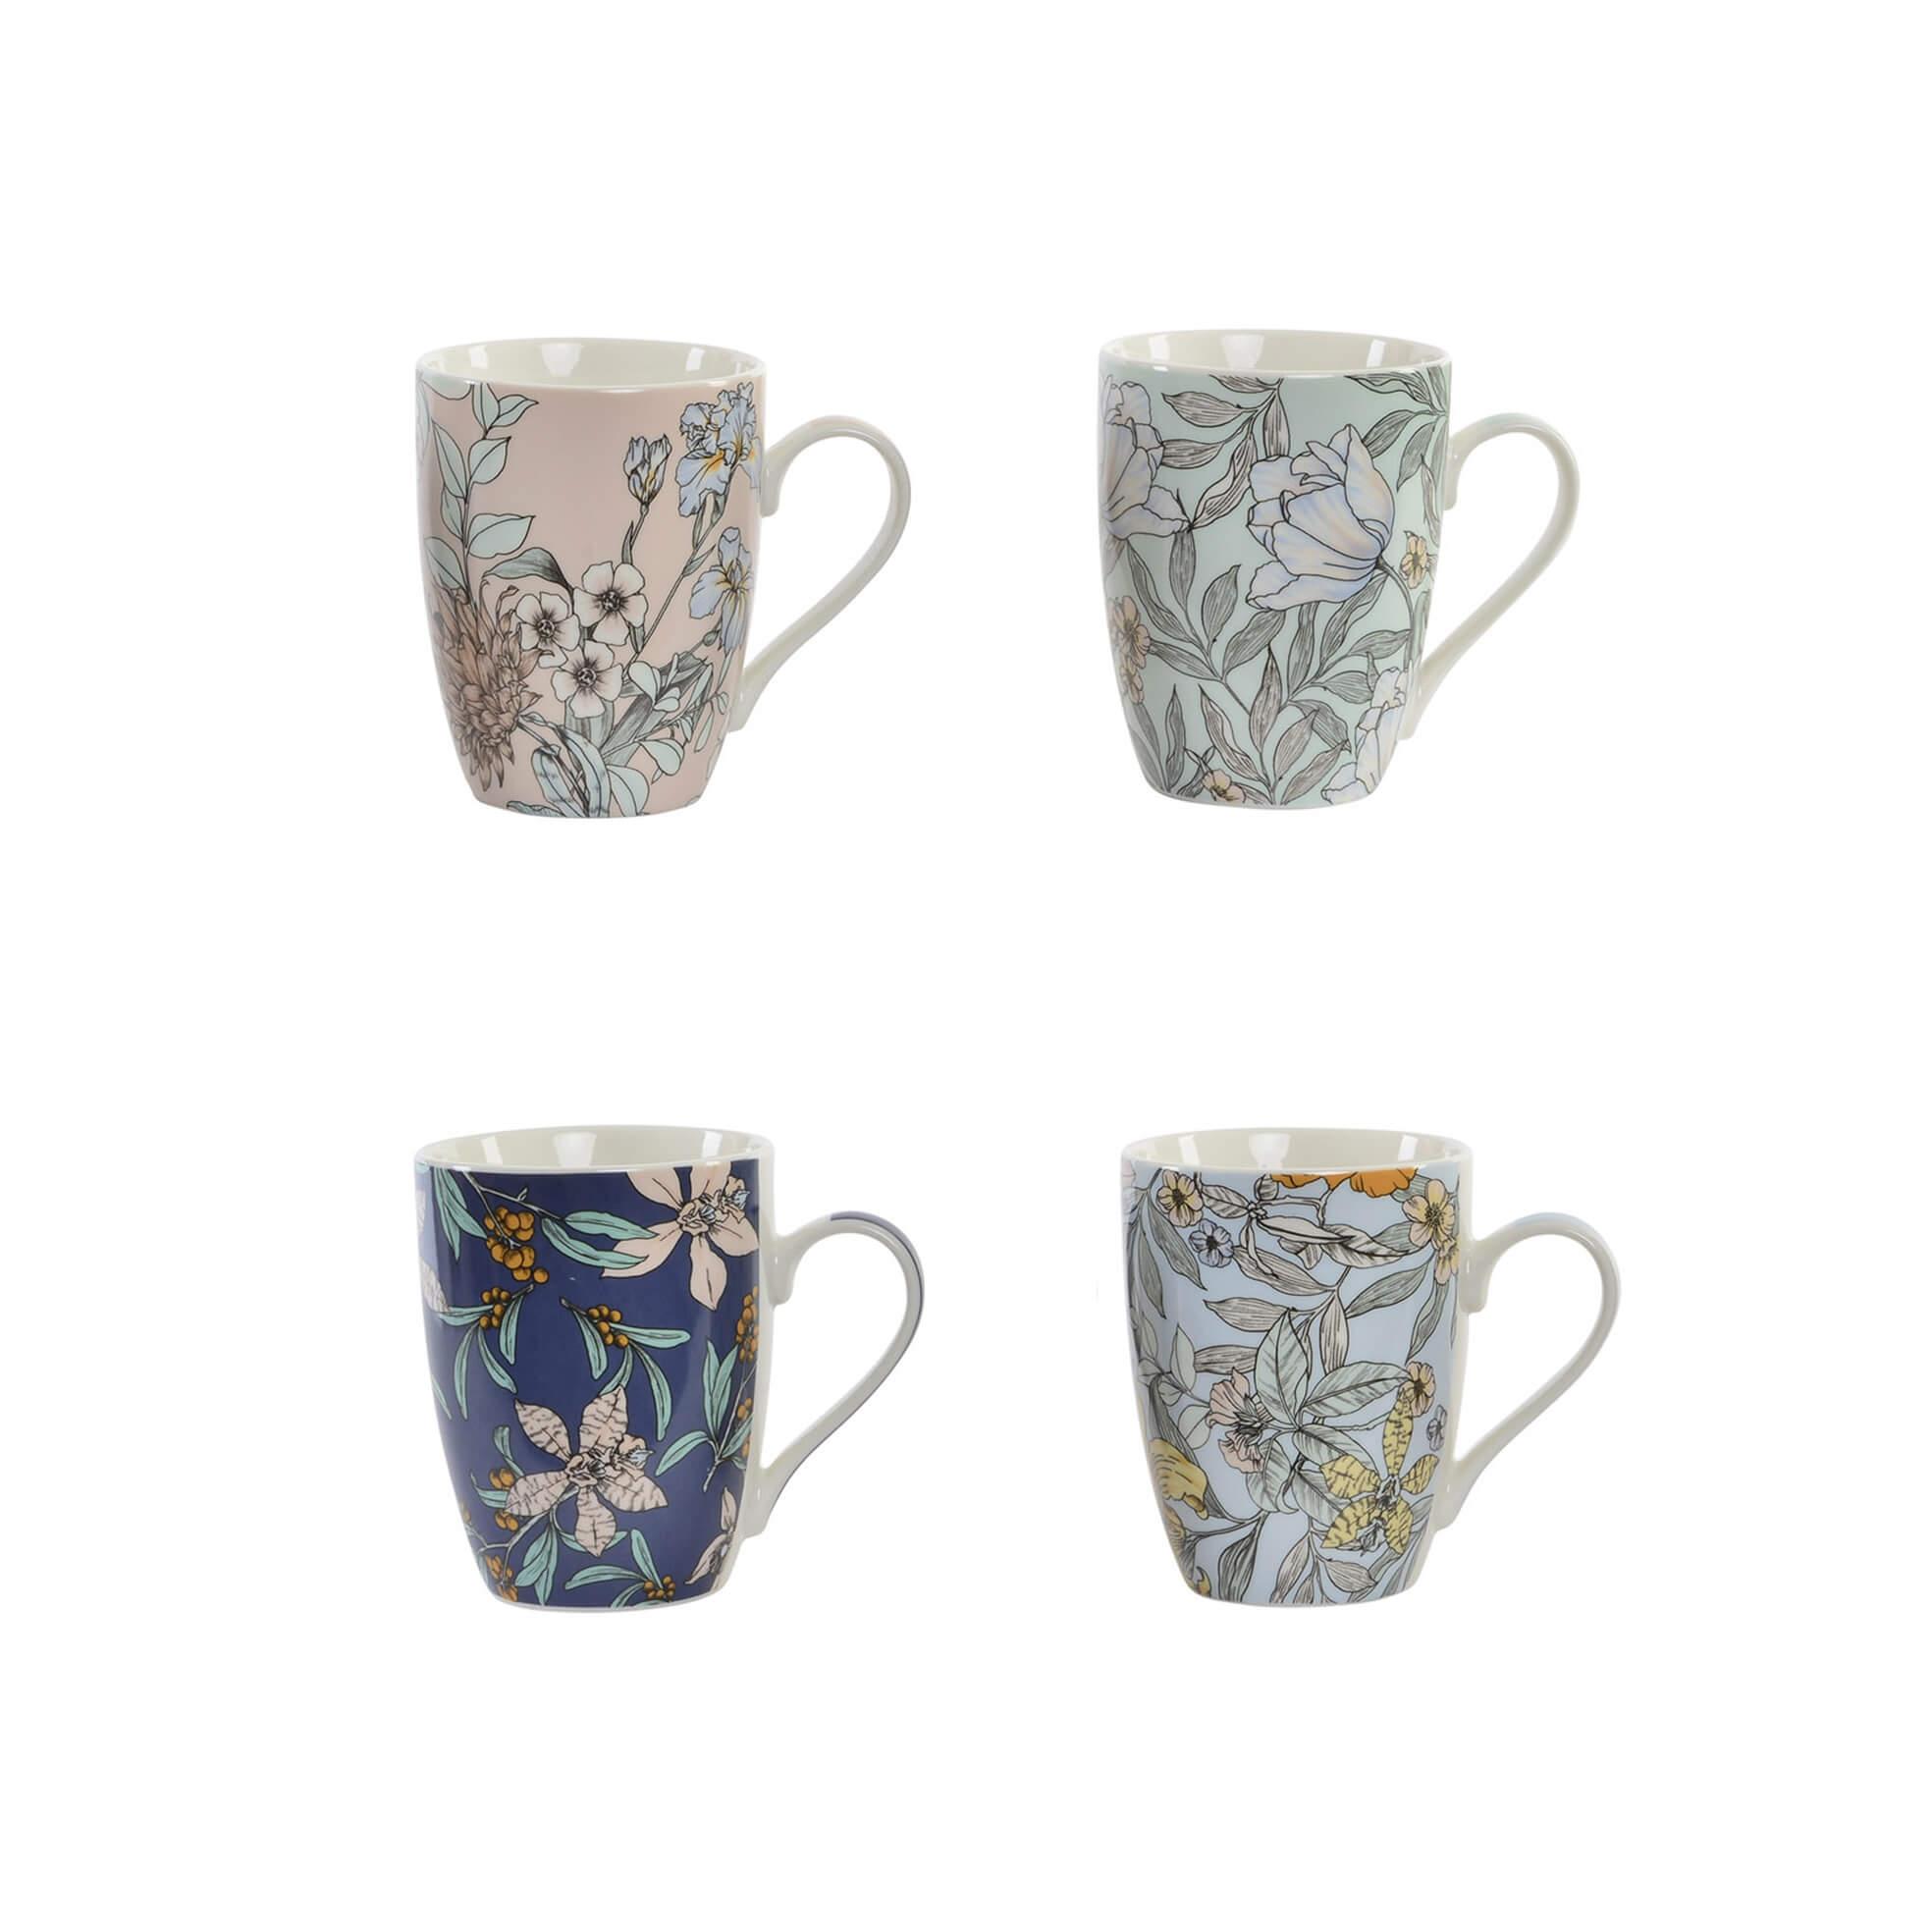 R DE ROOM taza tipo mug con estampados de flores. Tazas con flores de colores variados. Cuatro modelos para elegir. Disponible en azul oscuro, azul claro, verde menta y rosa empolvado.